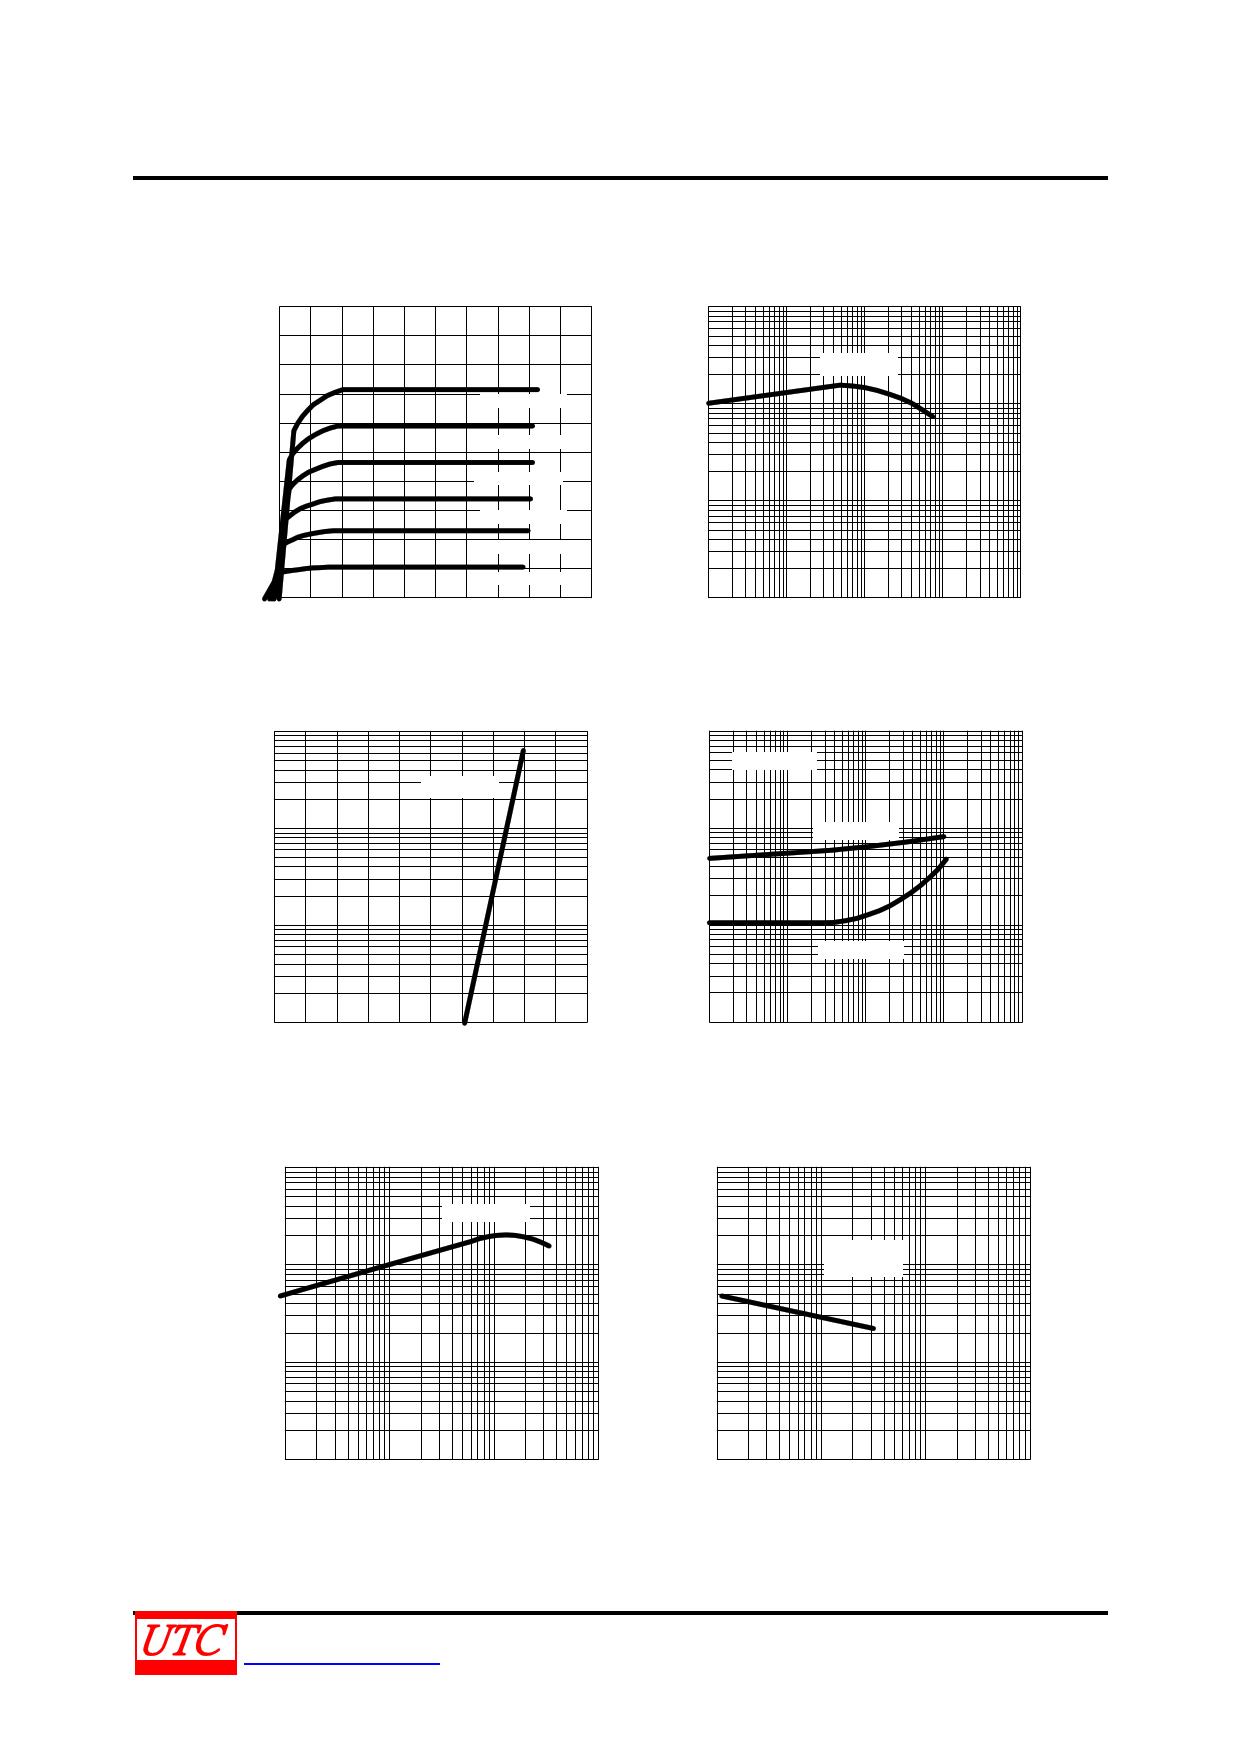 MMBT1015 pdf, ピン配列